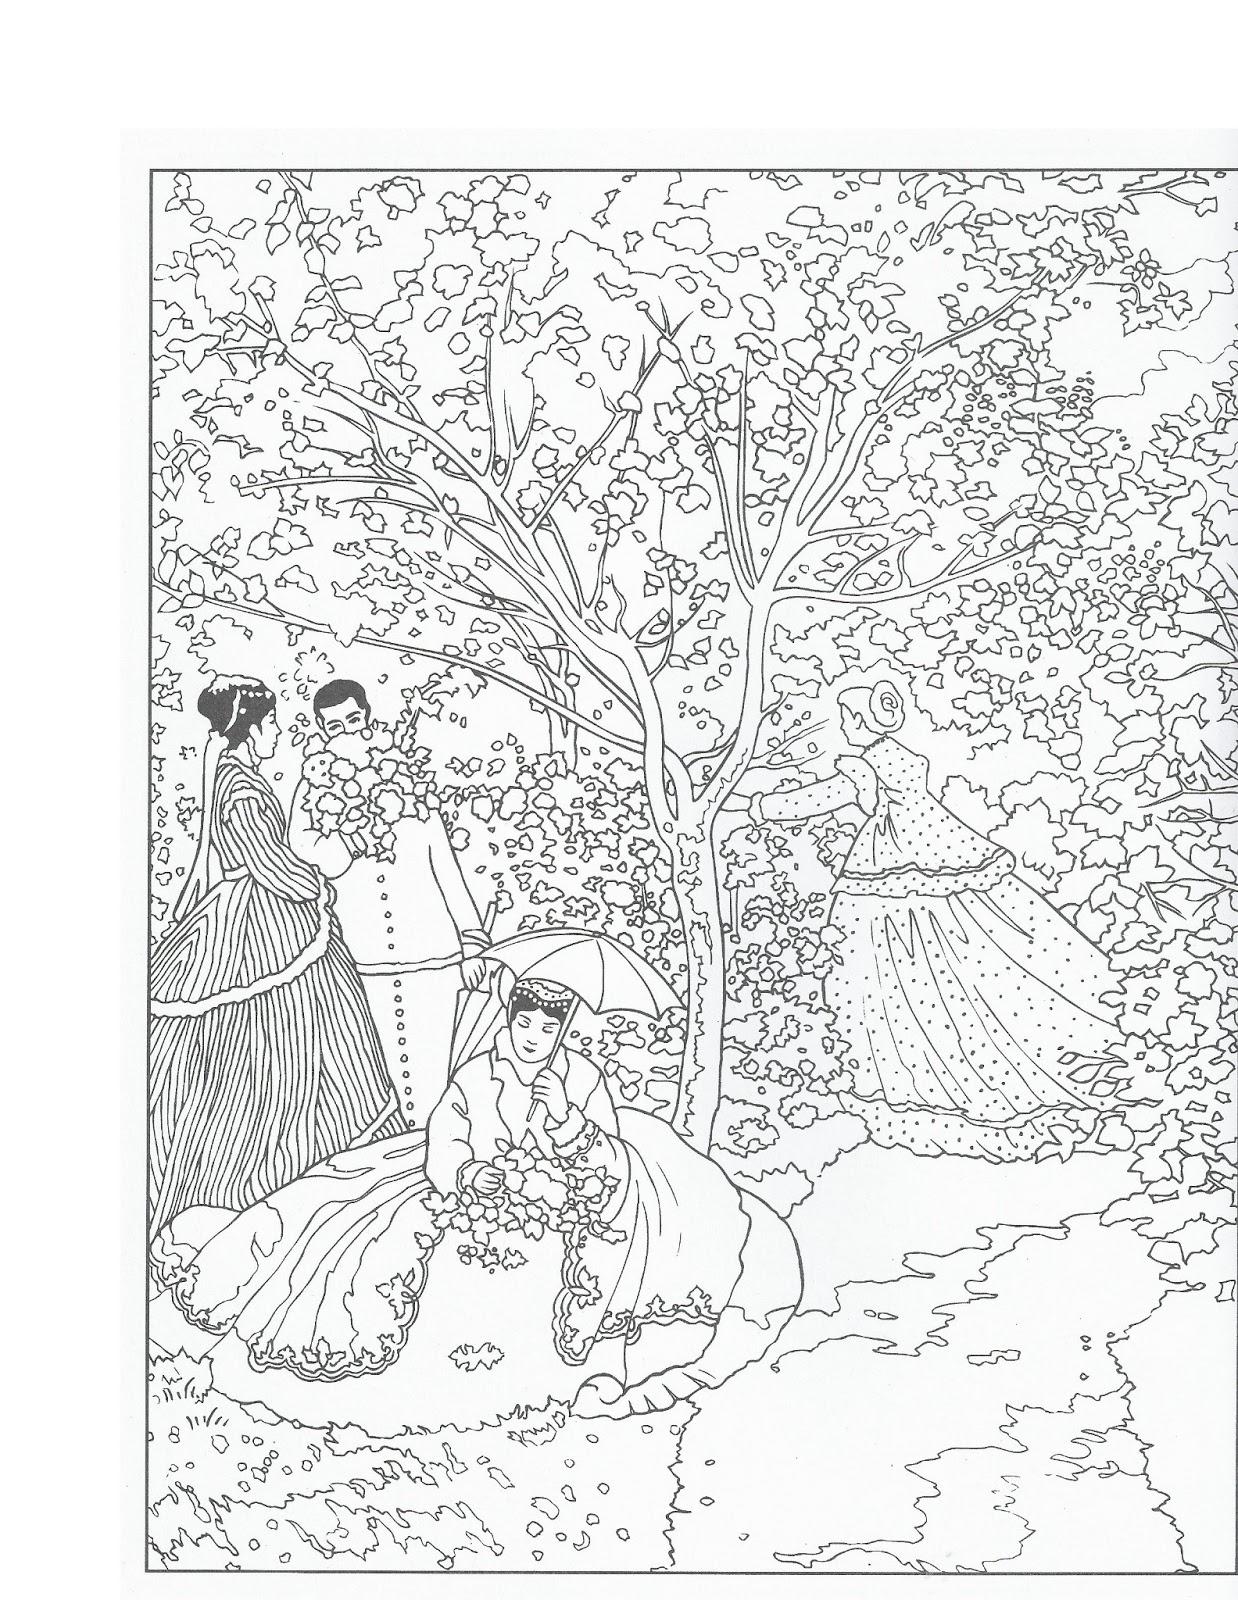 disegni da colorare autori famosi